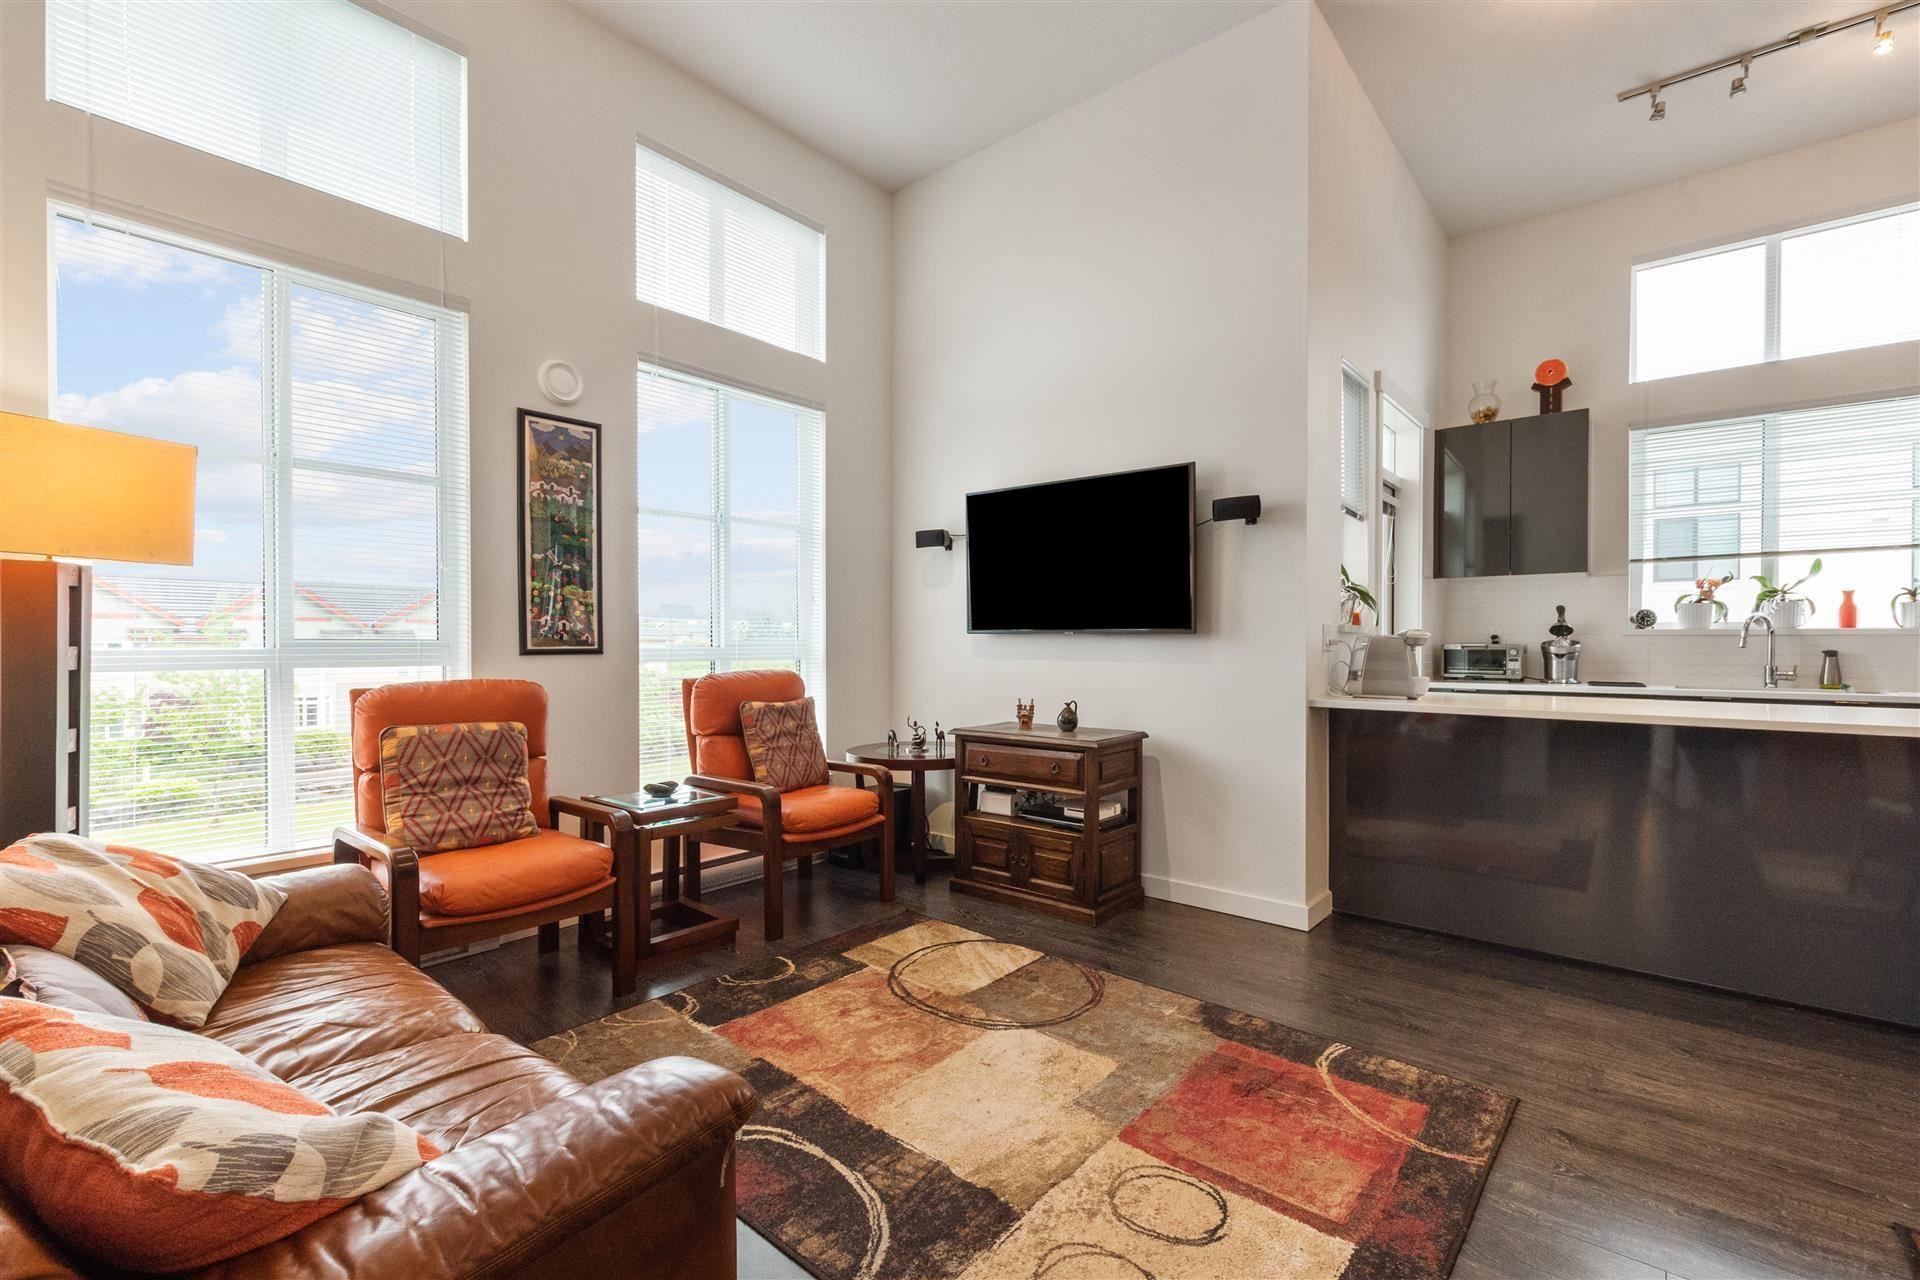 425 15138 34 AVENUE - Morgan Creek Apartment/Condo for sale, 2 Bedrooms (R2605084)